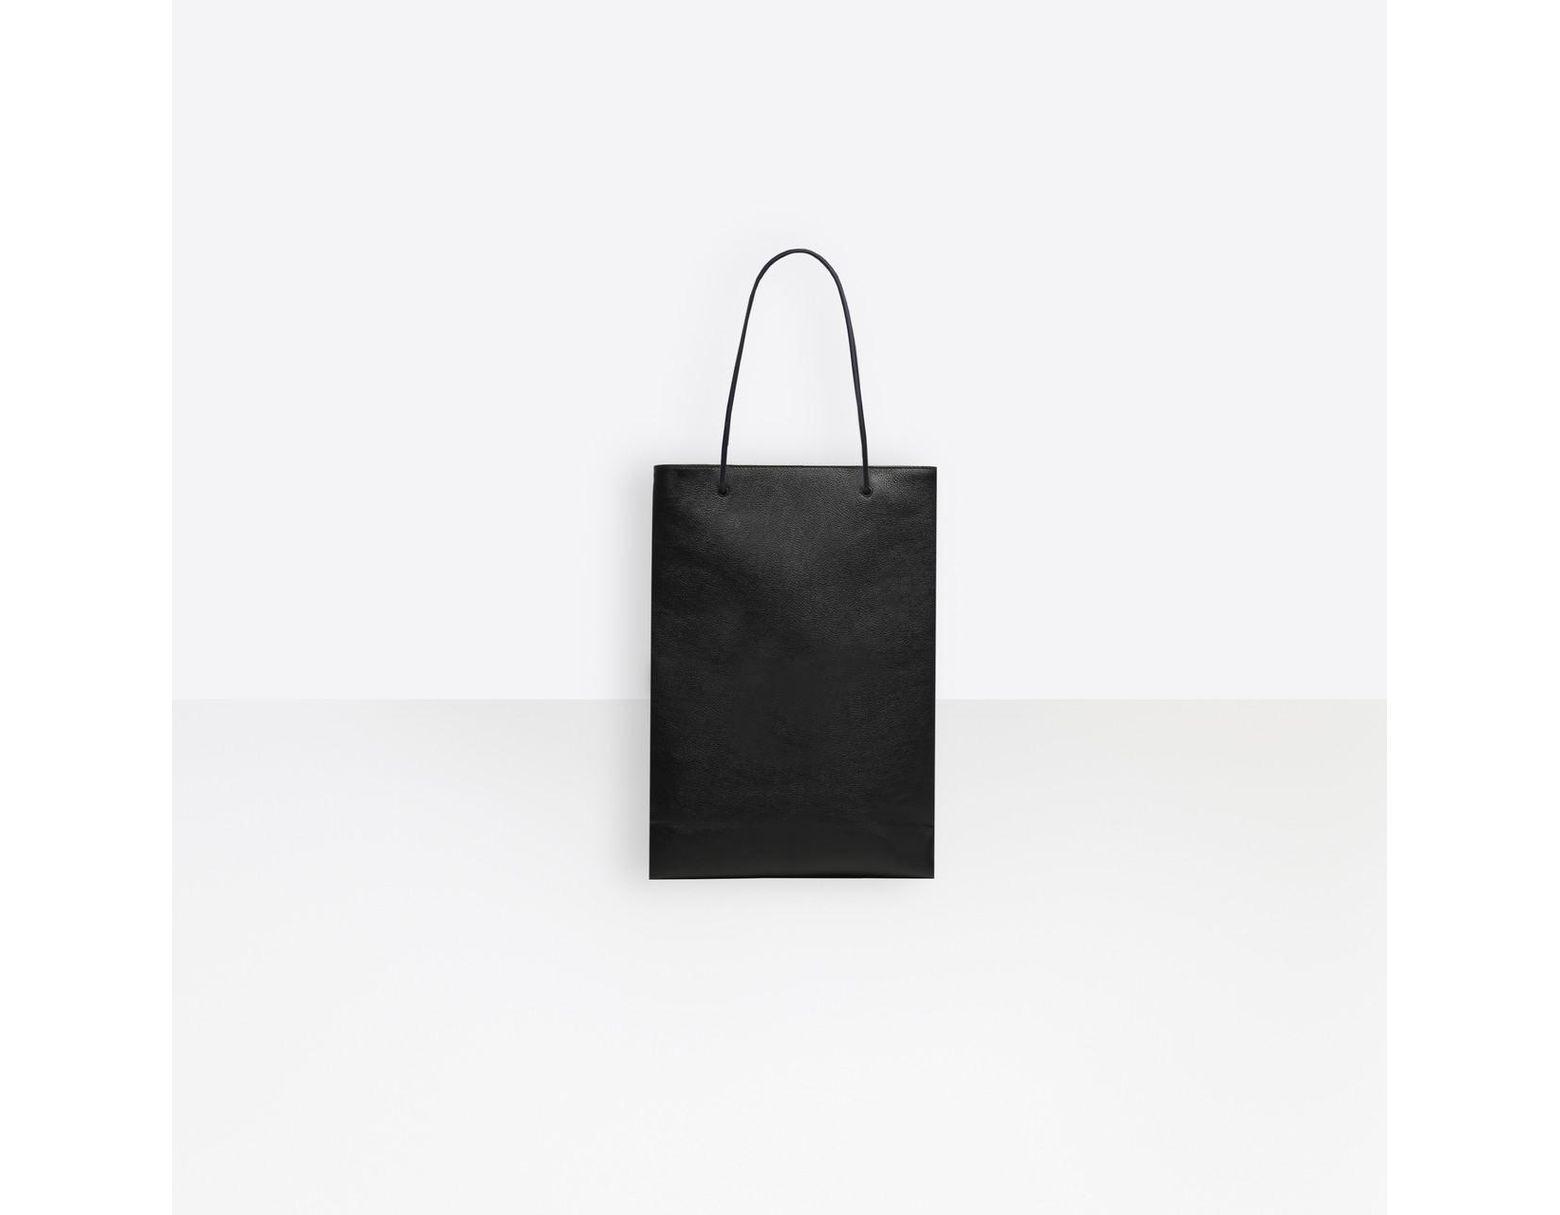 694b763e1a Balenciaga Shopping Bag North-south M in Black - Lyst